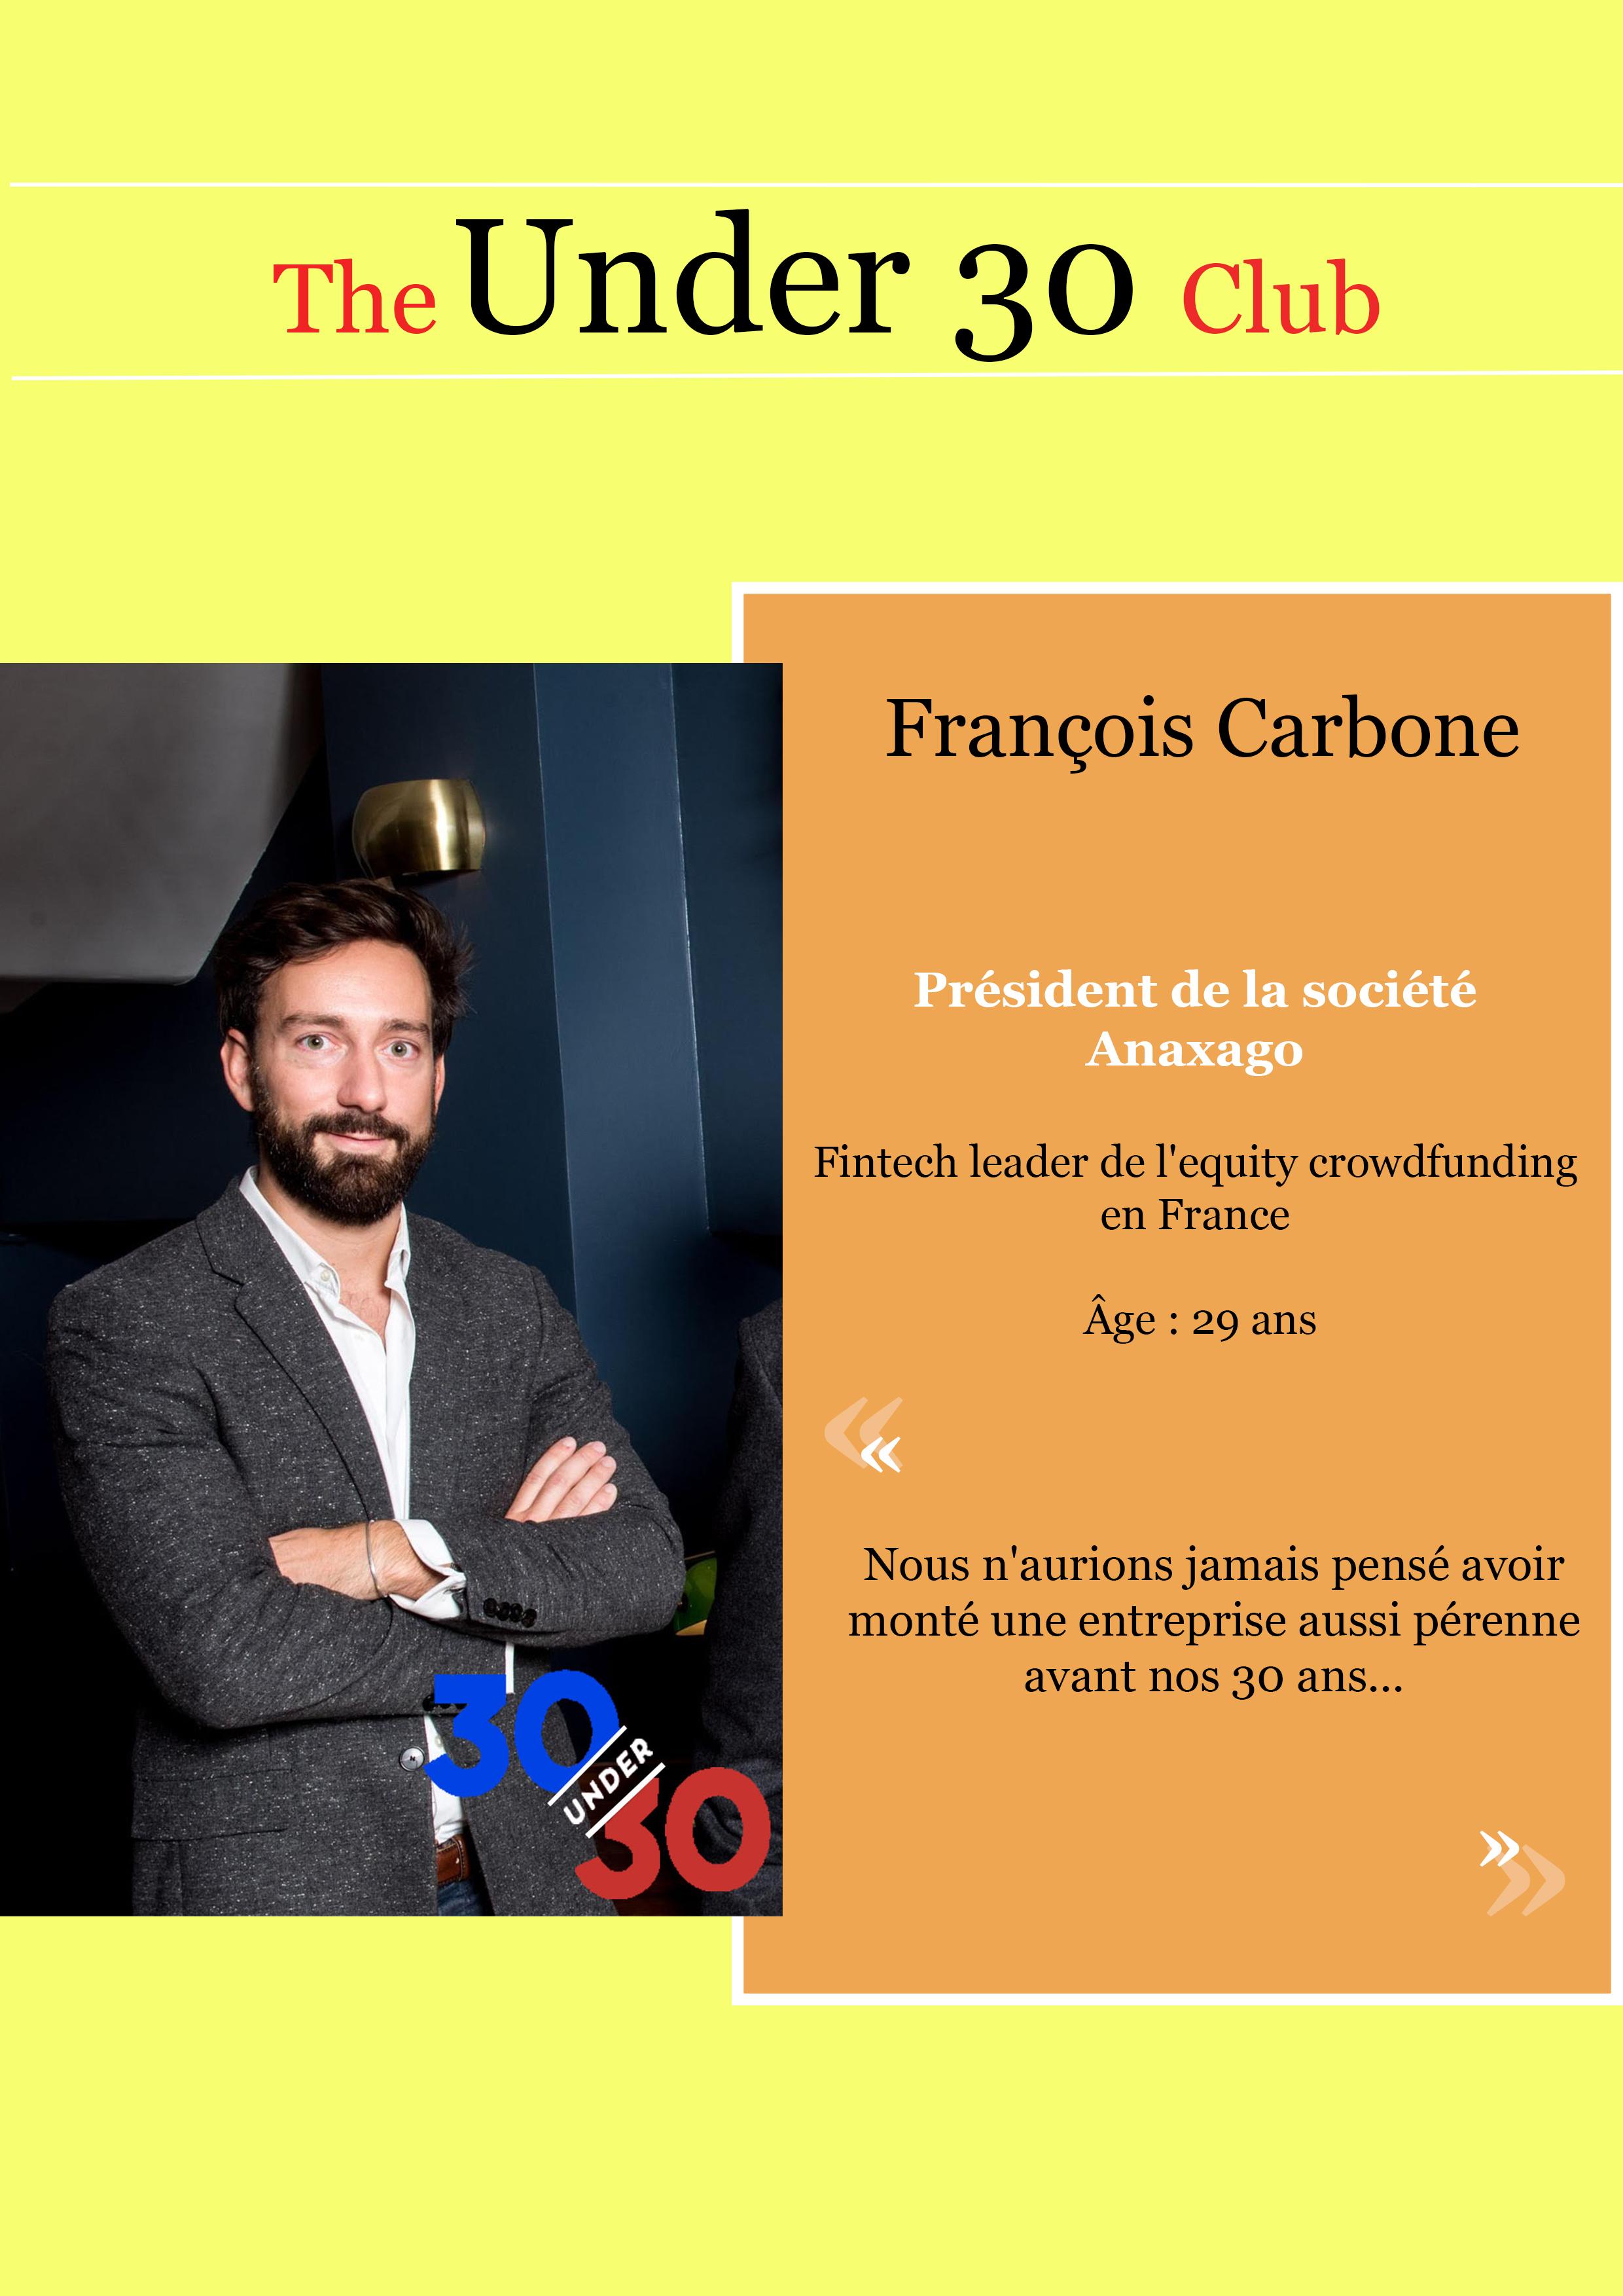 Francois Carbone